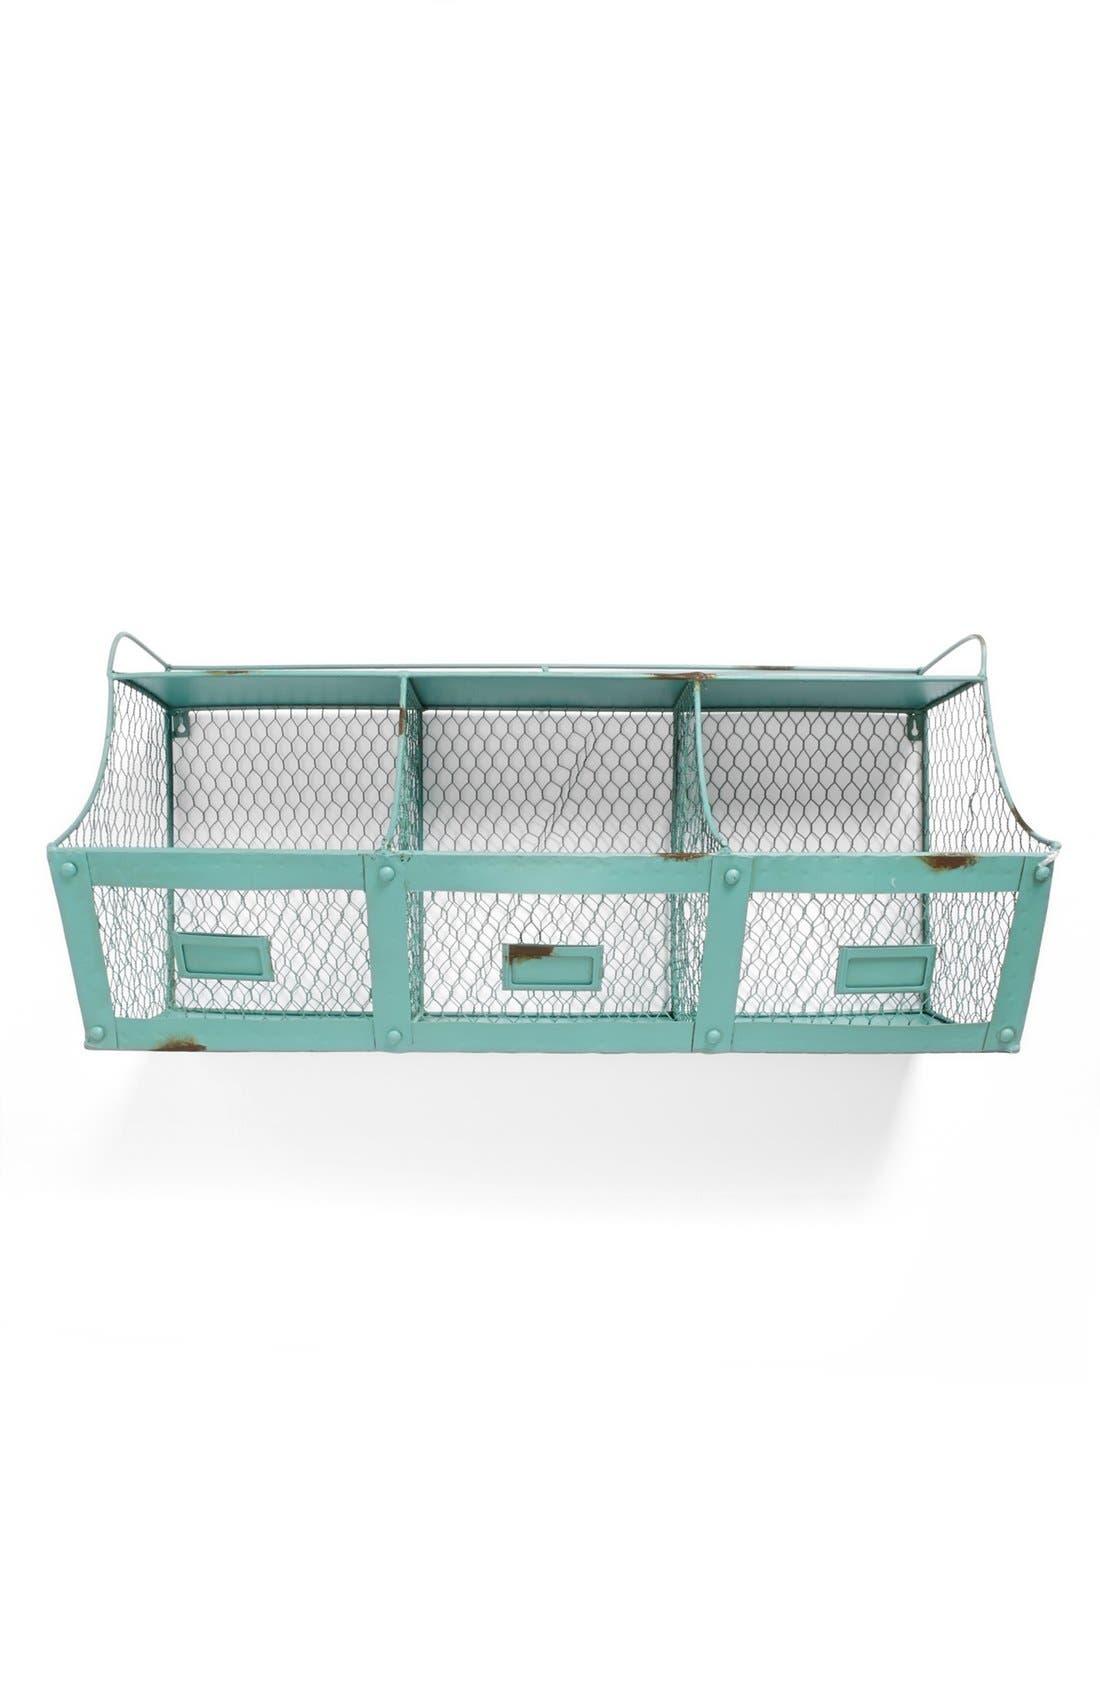 Alternate Image 1 Selected - Metal Bin Shelf